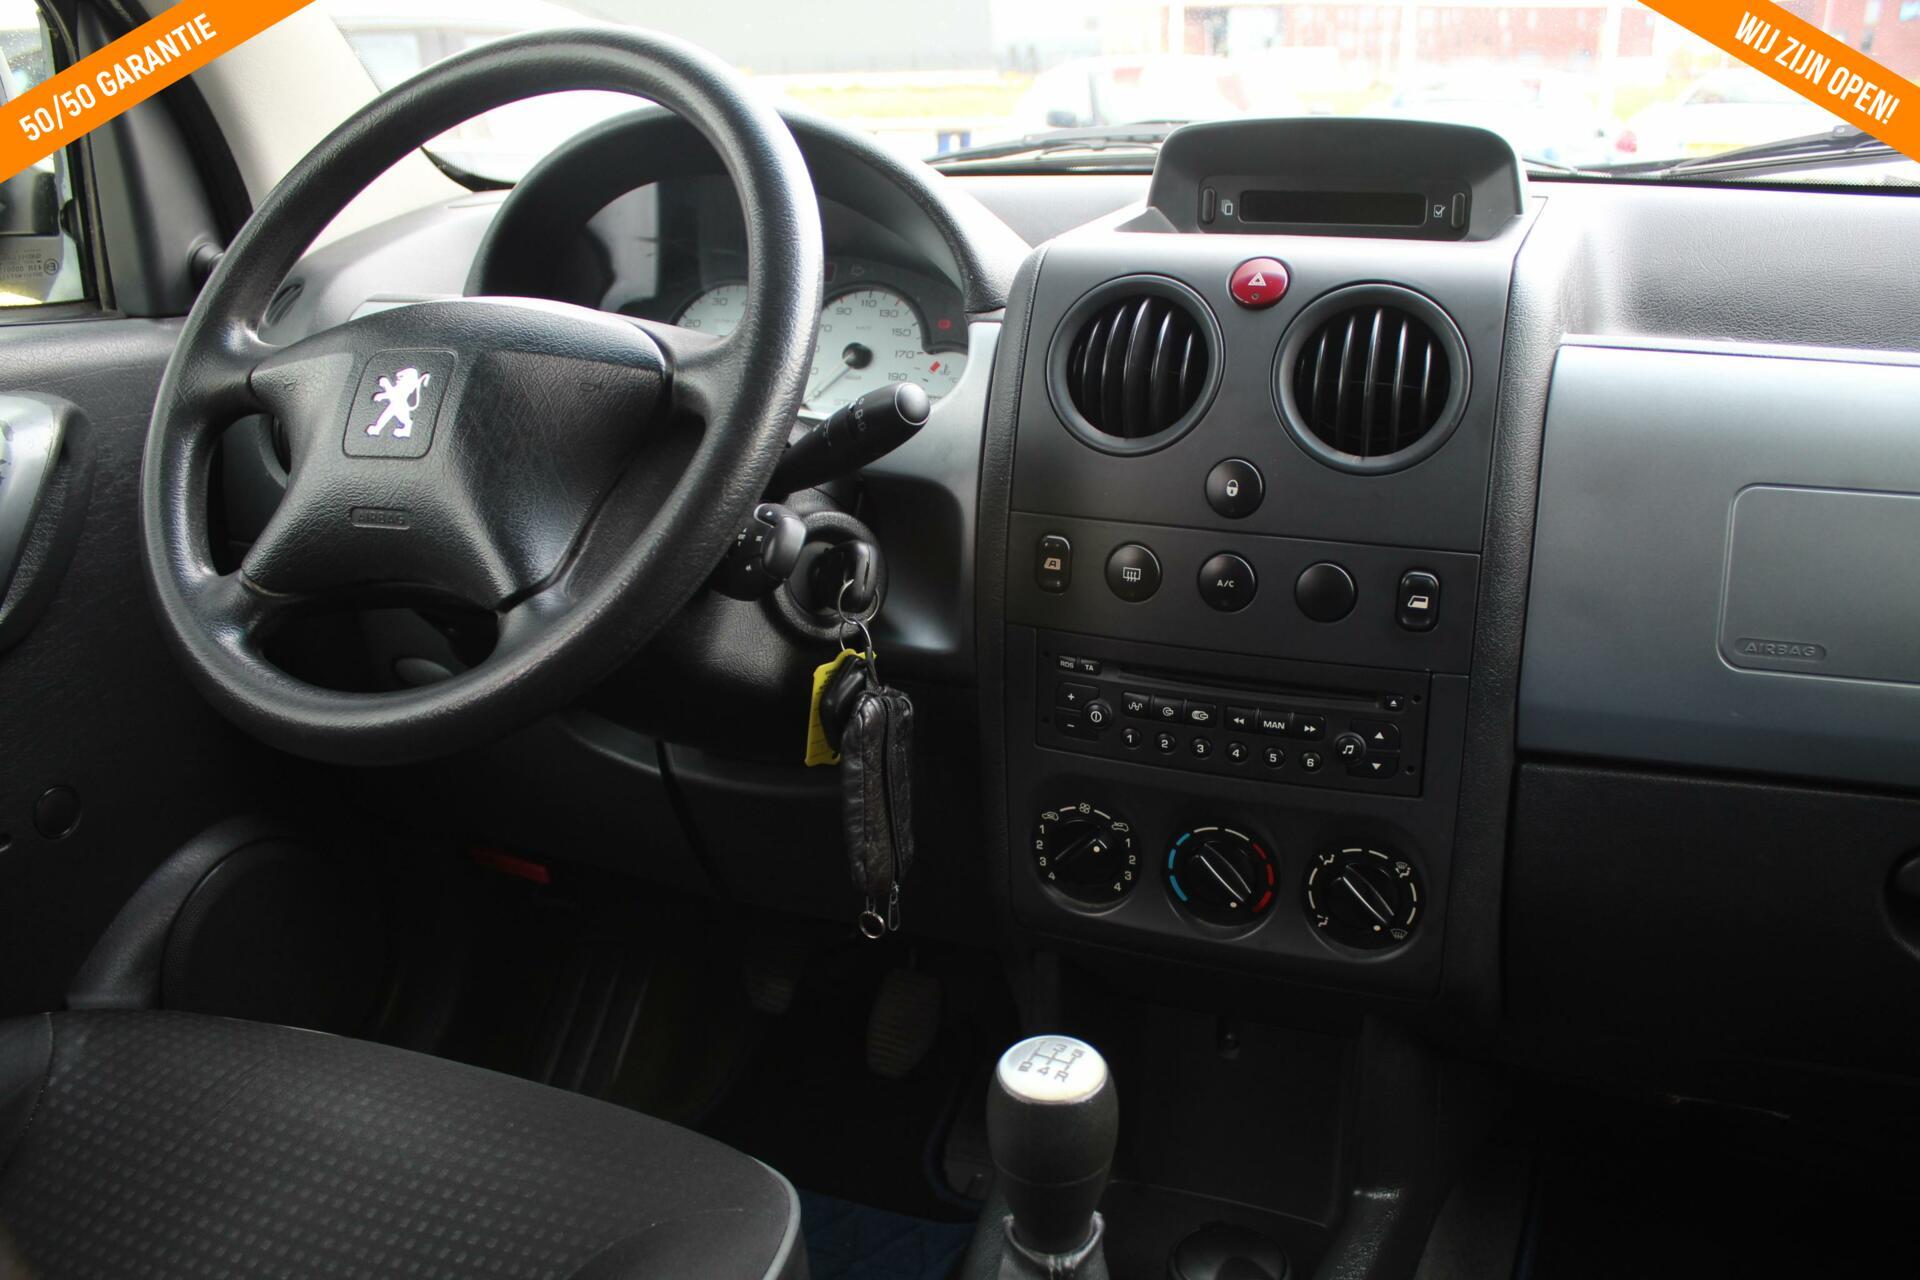 Caroutlet Groningen - Peugeot Partner MPV 1.6-16V VTC | 2X SCHUIFDEUR | AIRCO | TREKHAAK